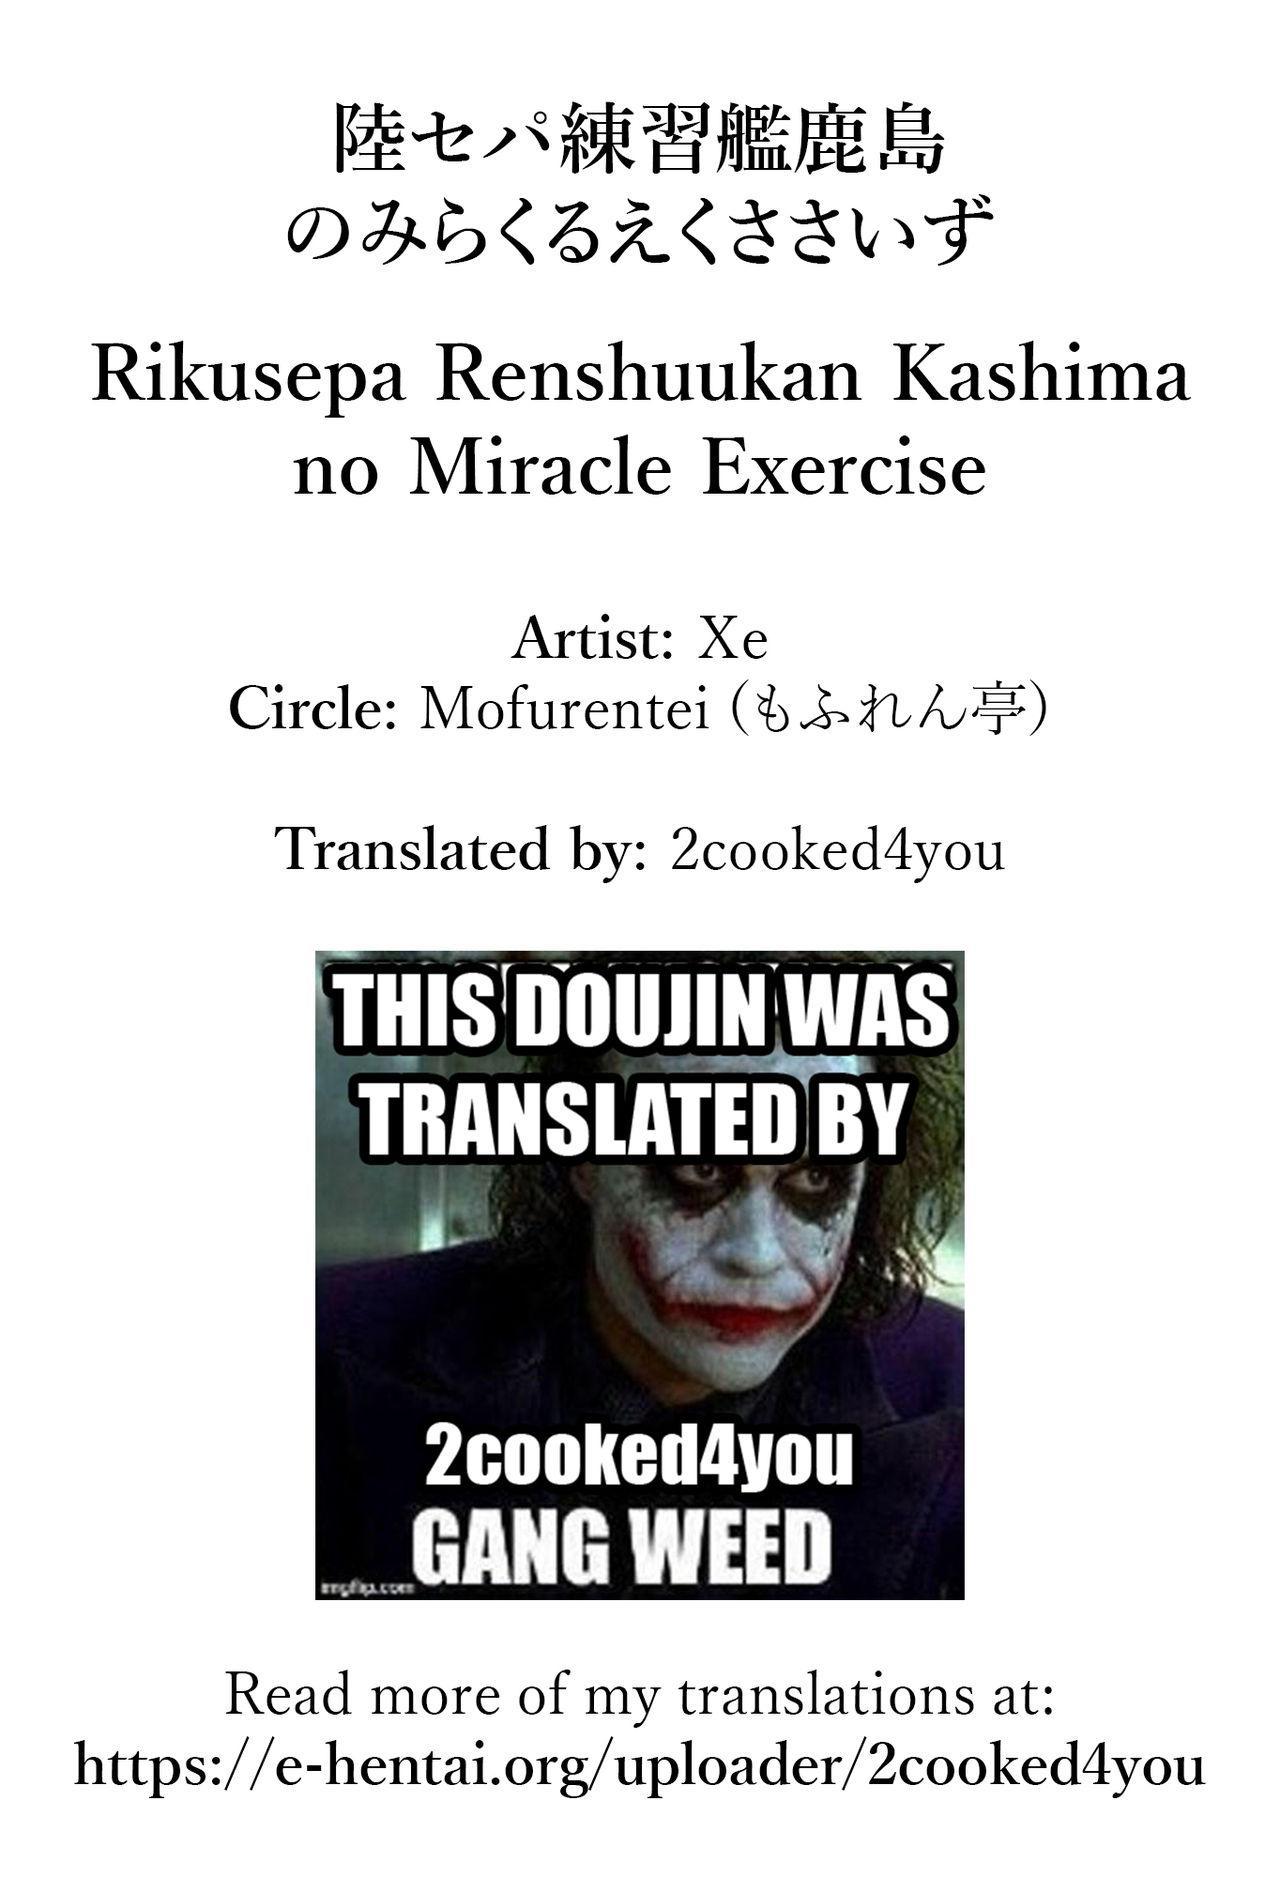 Rikusepa Renshuukan Kashima no Miracle Exercise 22